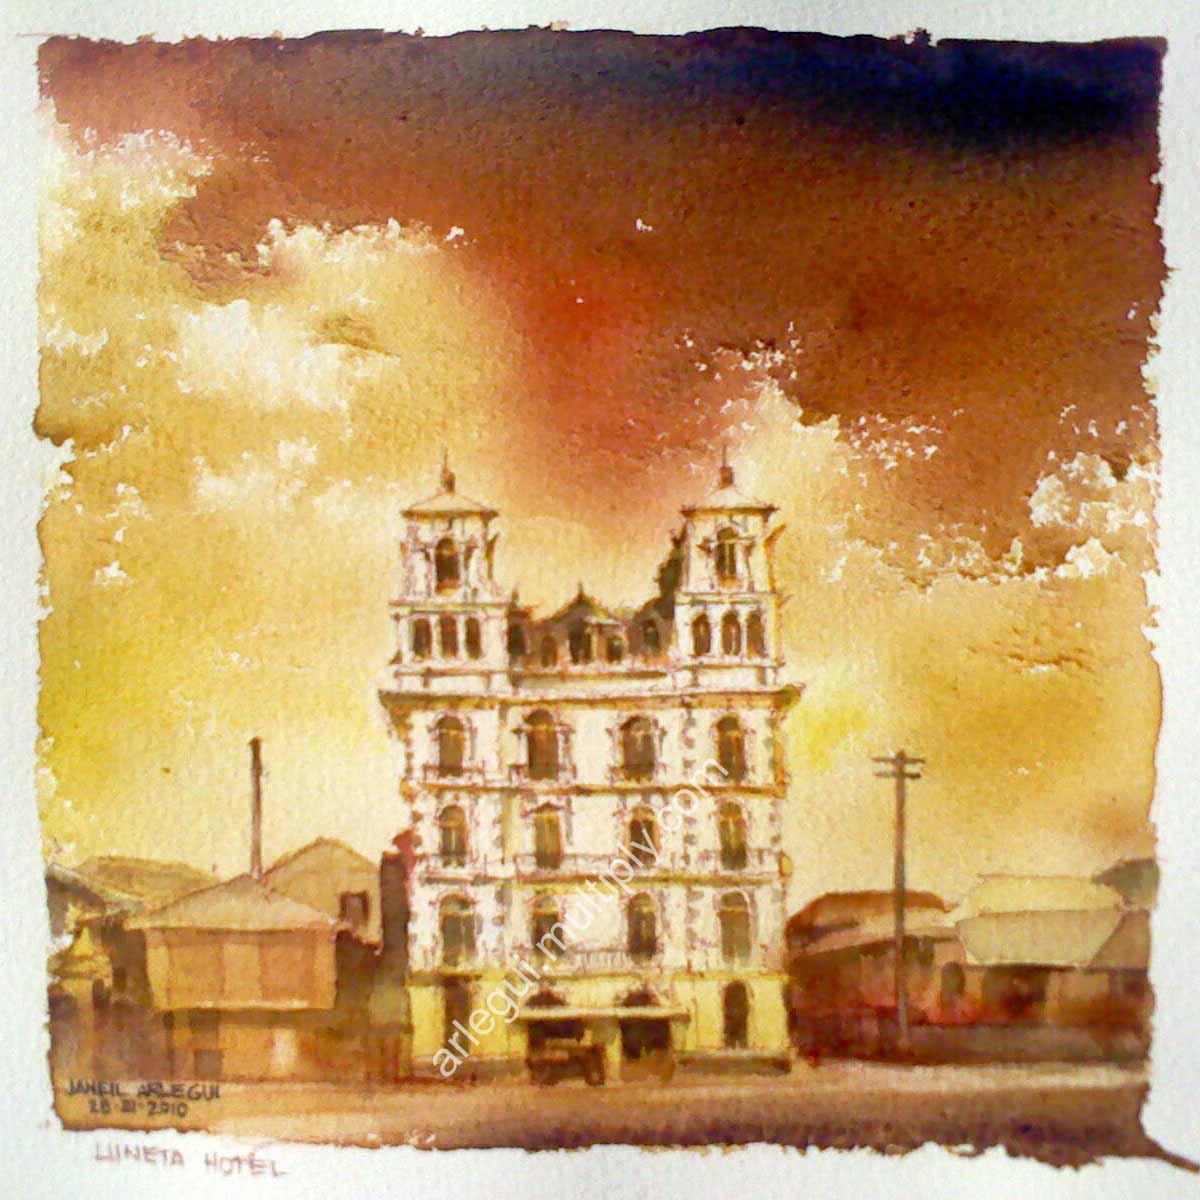 Luneta Hotel circa 1910 by janeilarlegui